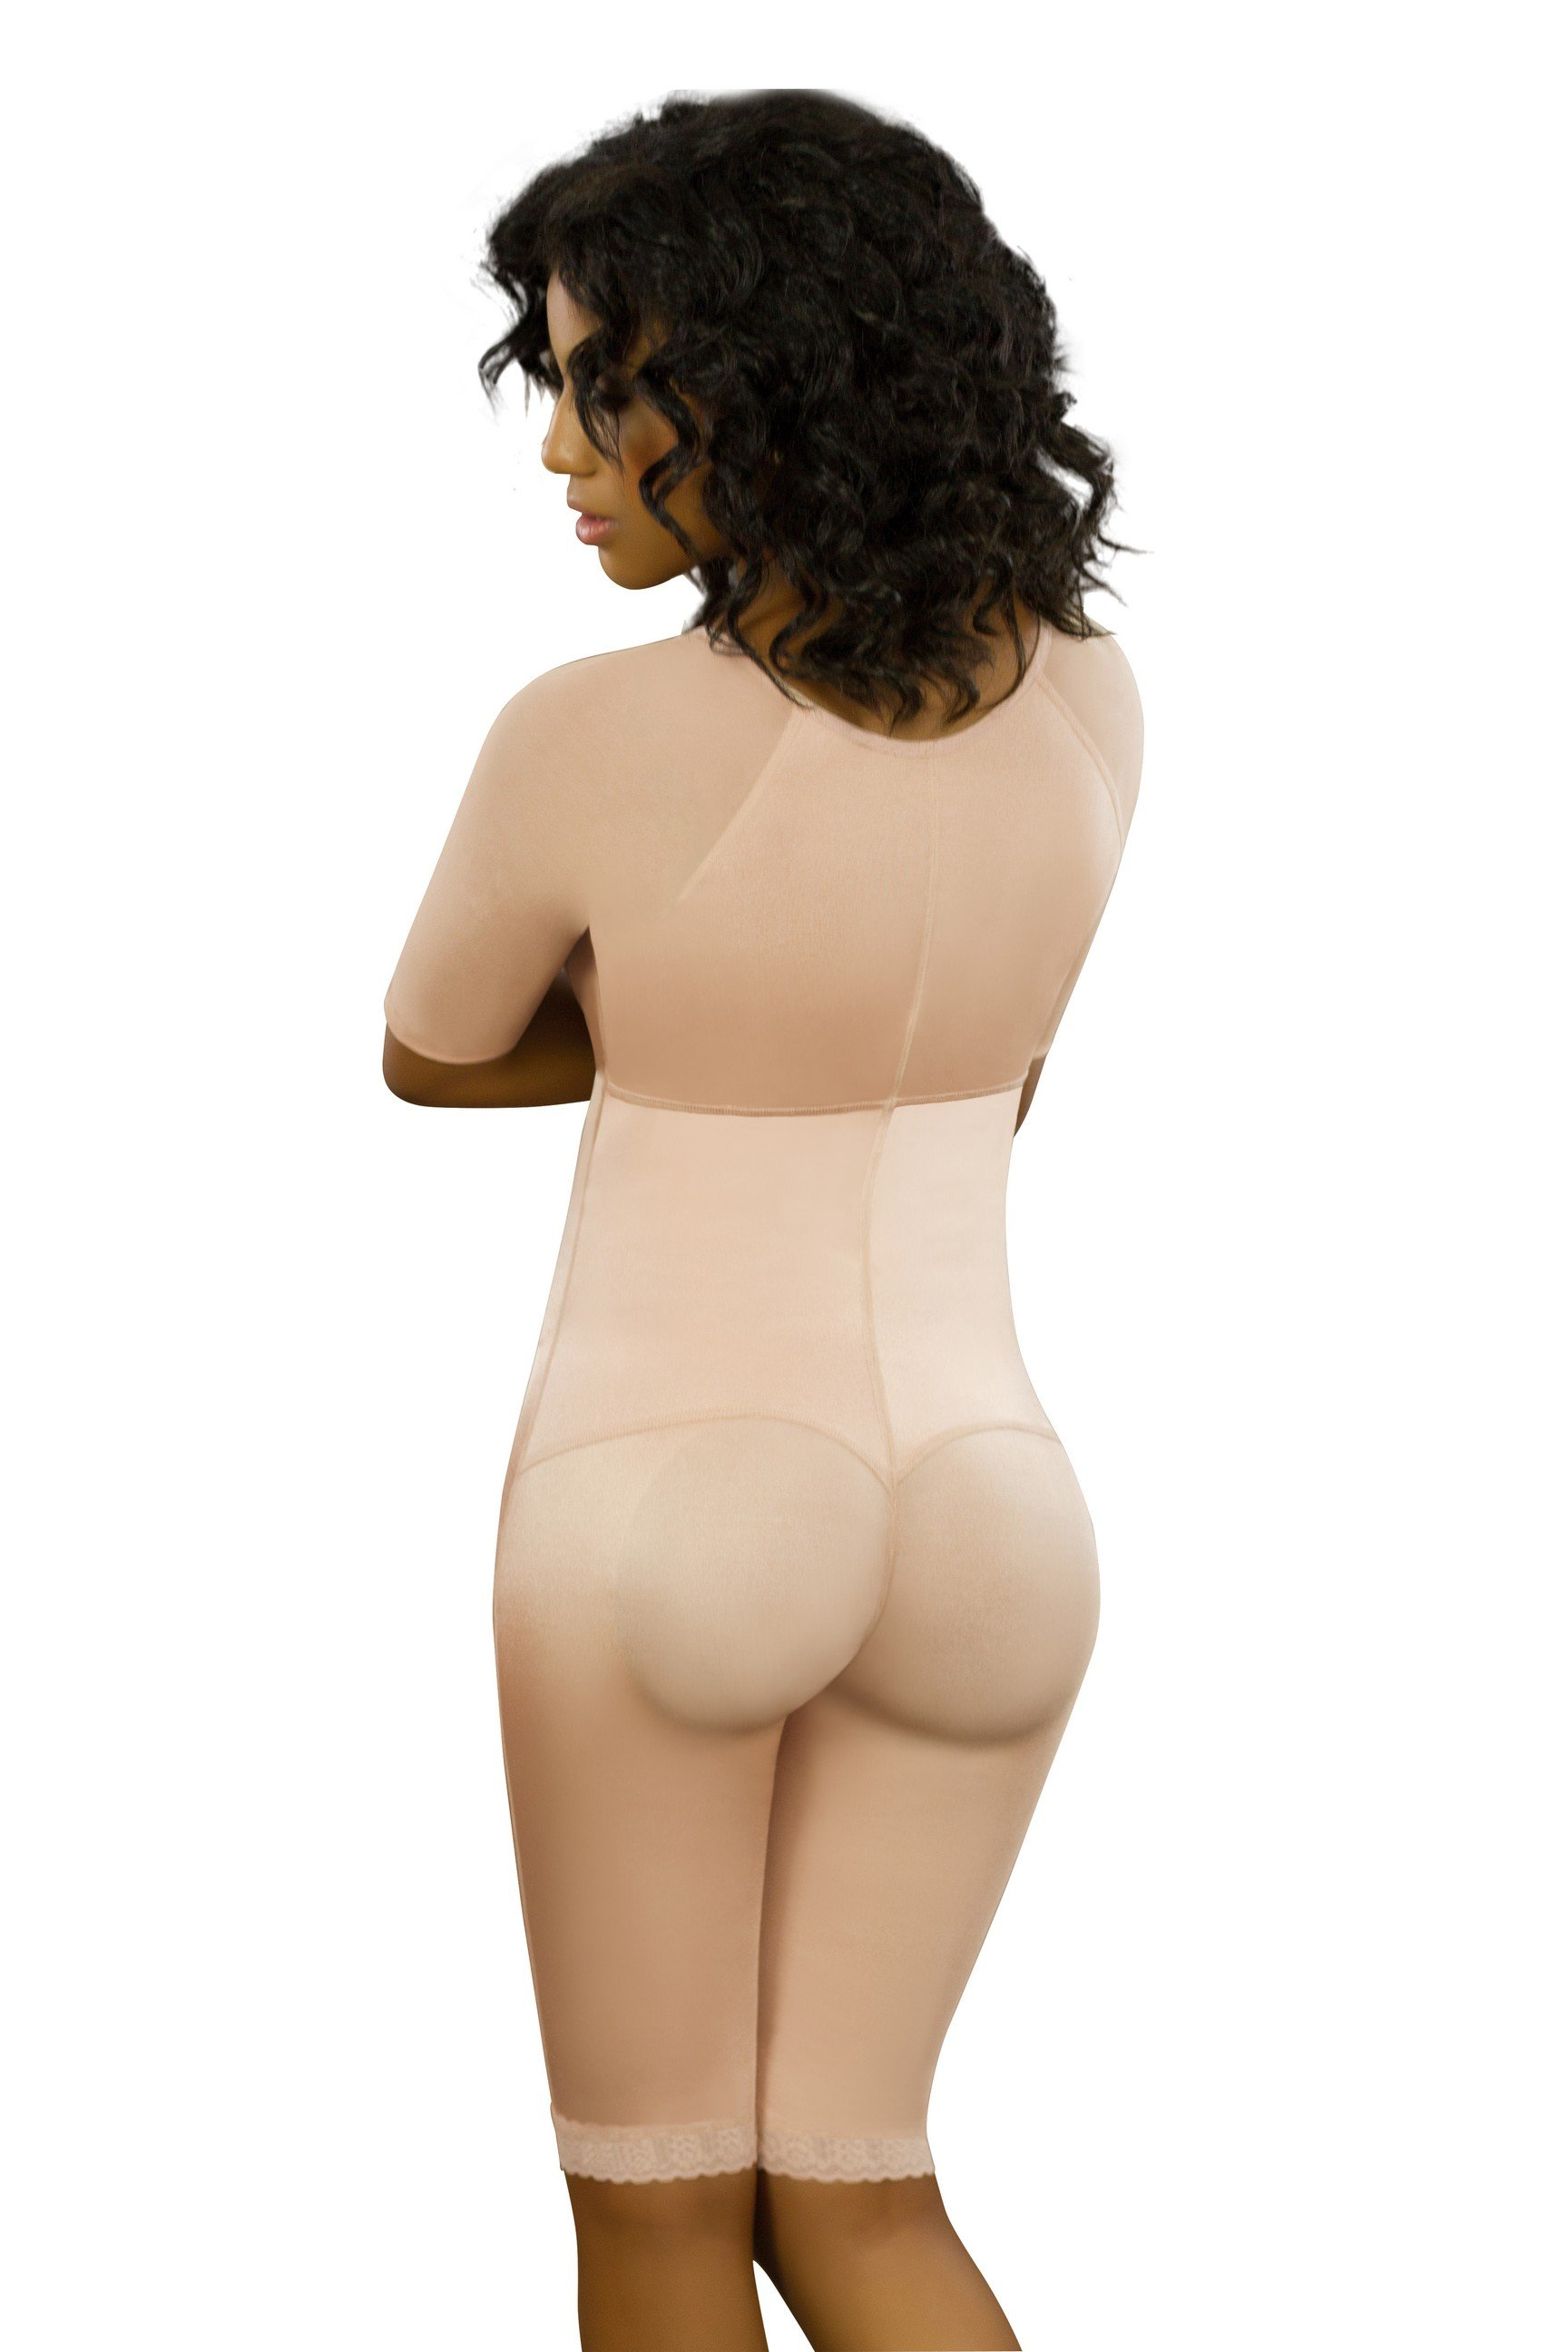 Women's Short Sleeves Full Body Corset